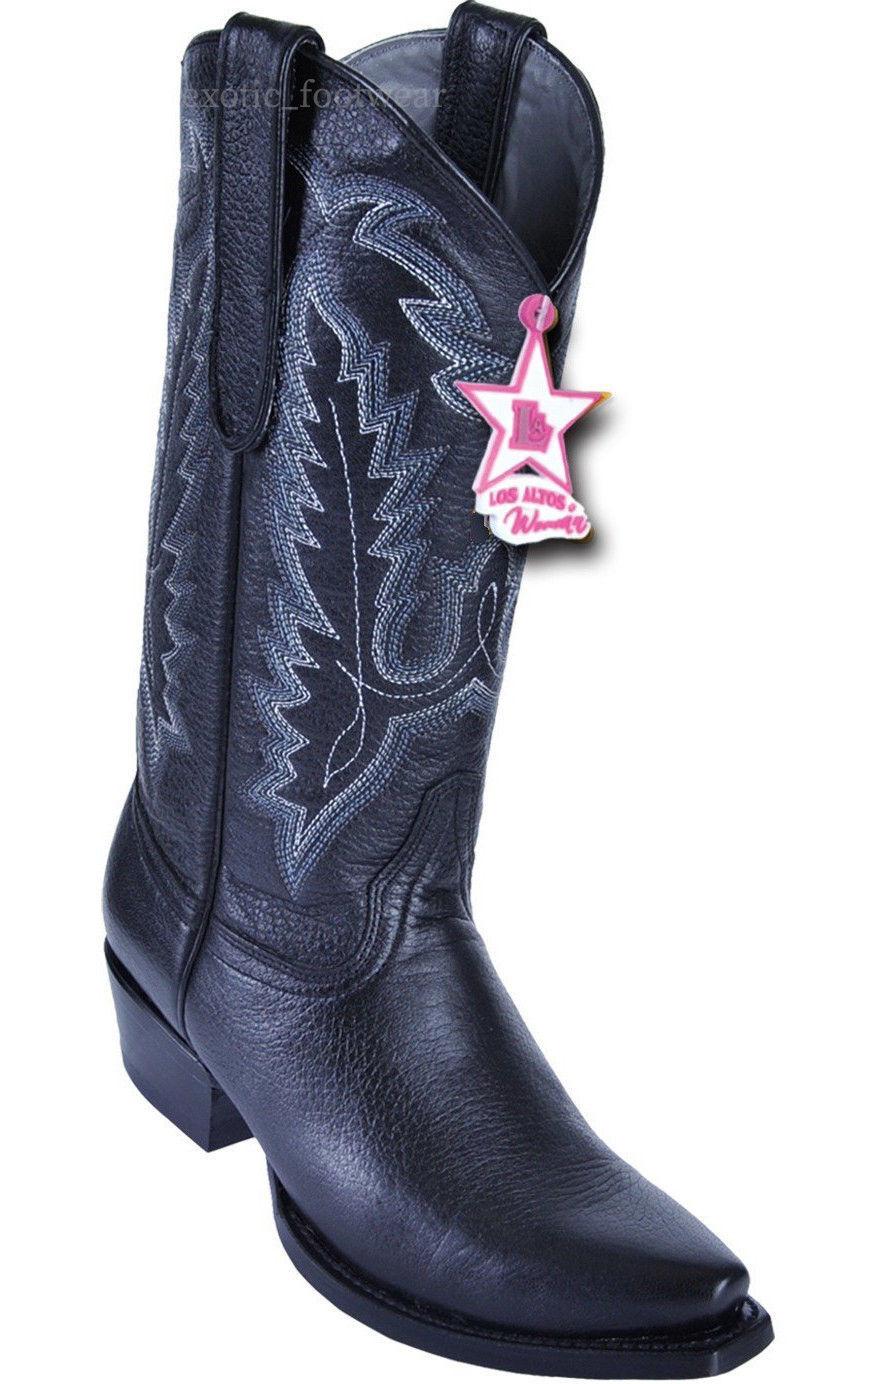 De mujer los Altos Negro Genuino Western Western Western Cowboy Bota Puntera De Ciervo SNIP 340812  nuevo listado